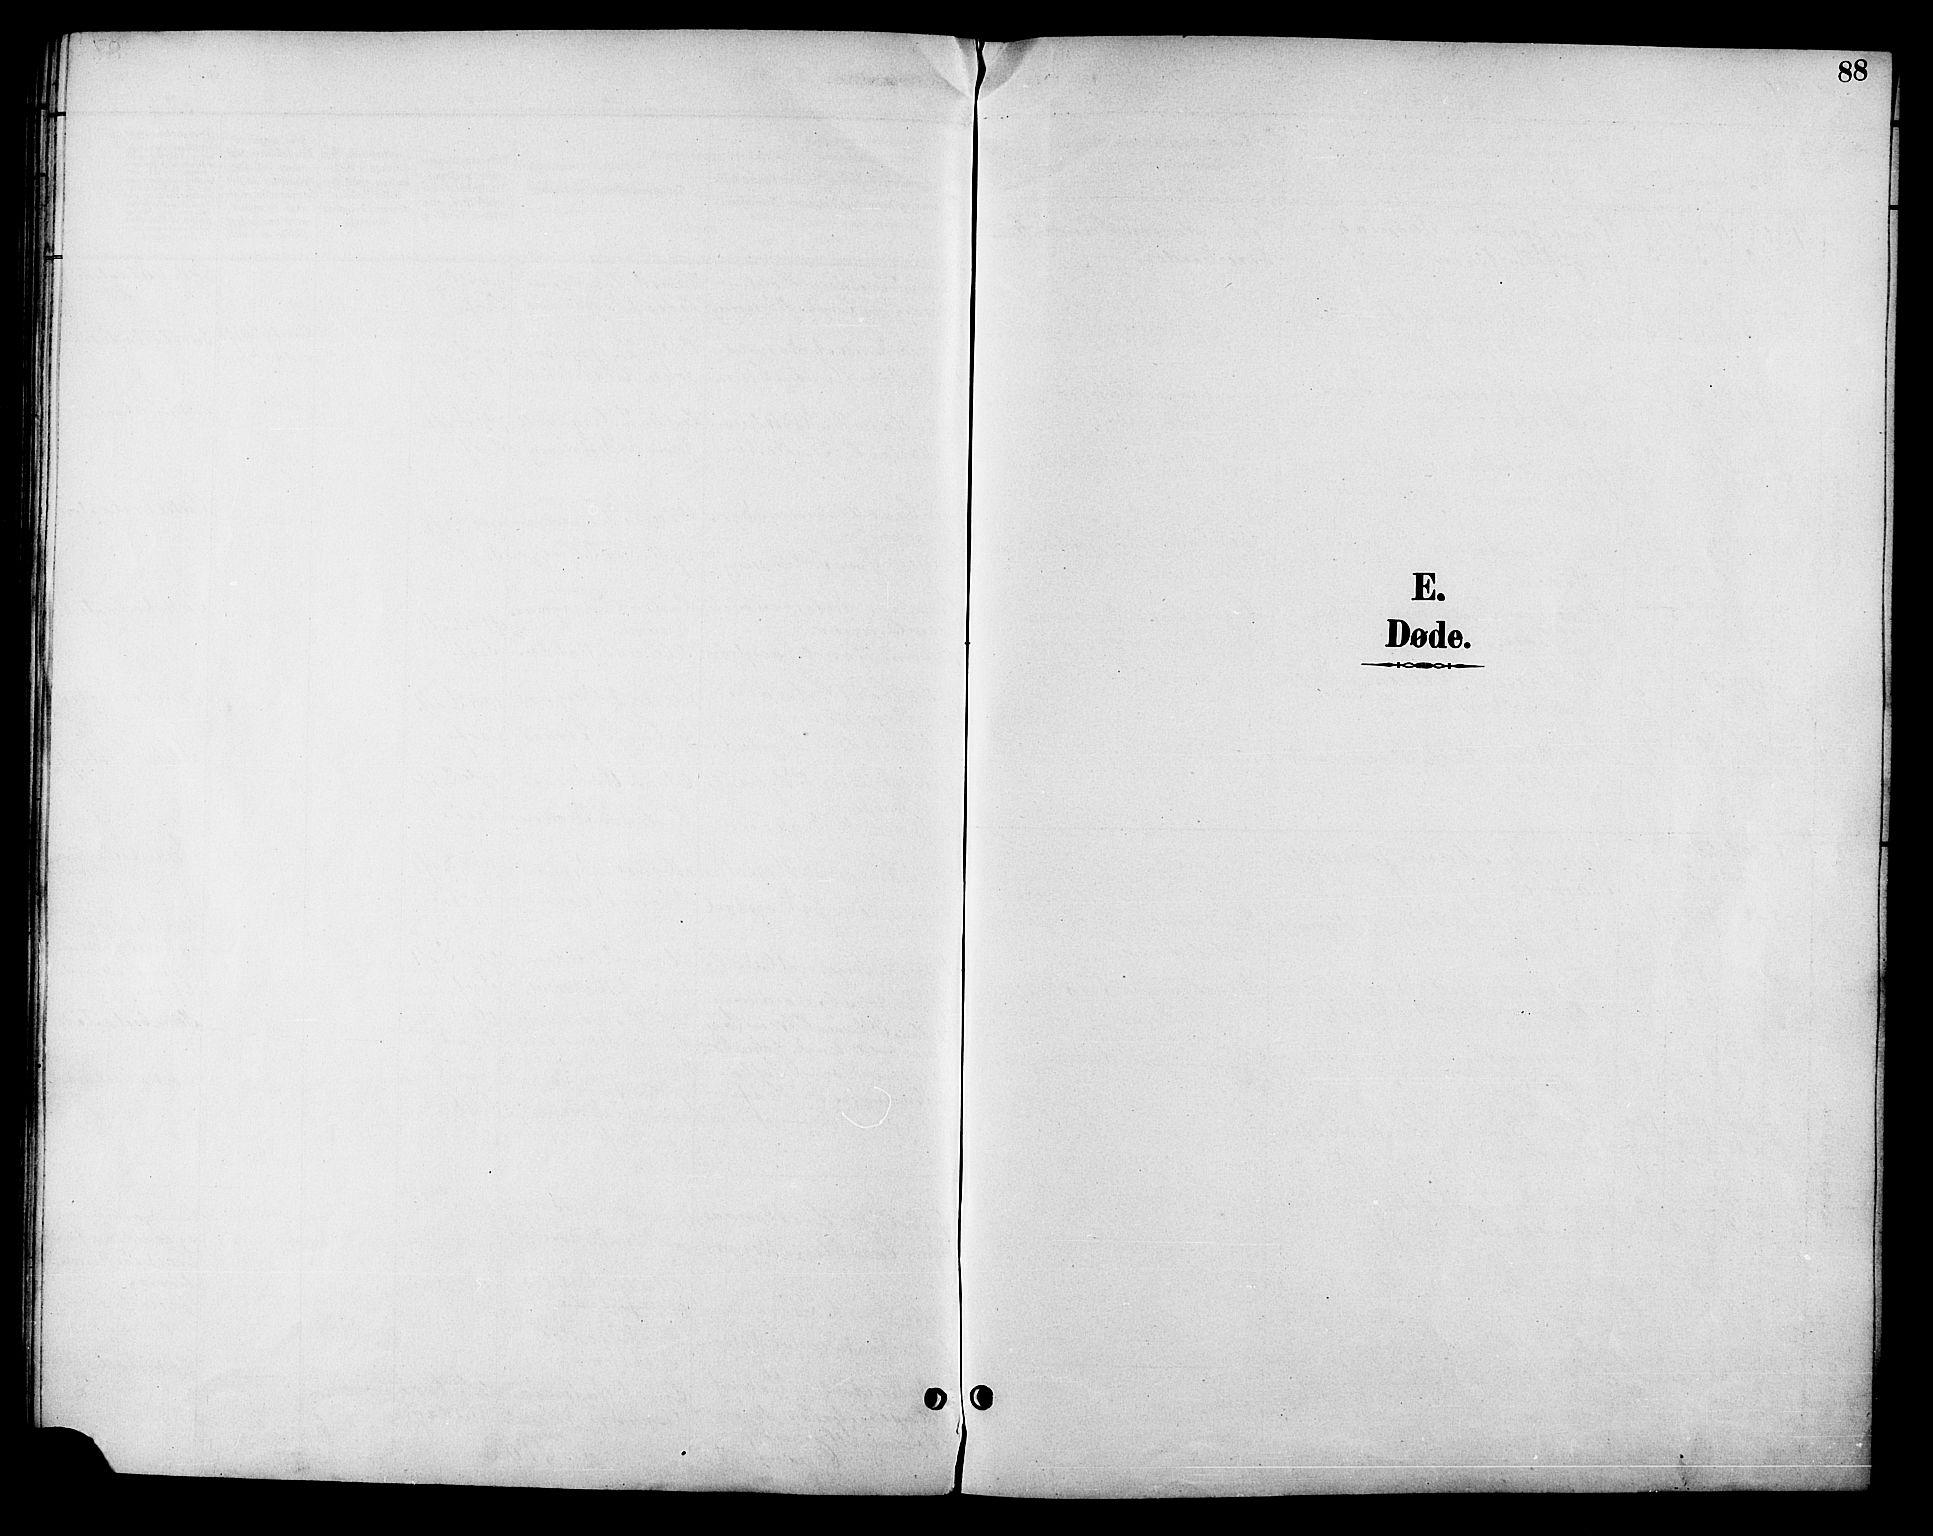 SAT, Ministerialprotokoller, klokkerbøker og fødselsregistre - Sør-Trøndelag, 685/L0978: Klokkerbok nr. 685C03, 1891-1907, s. 88